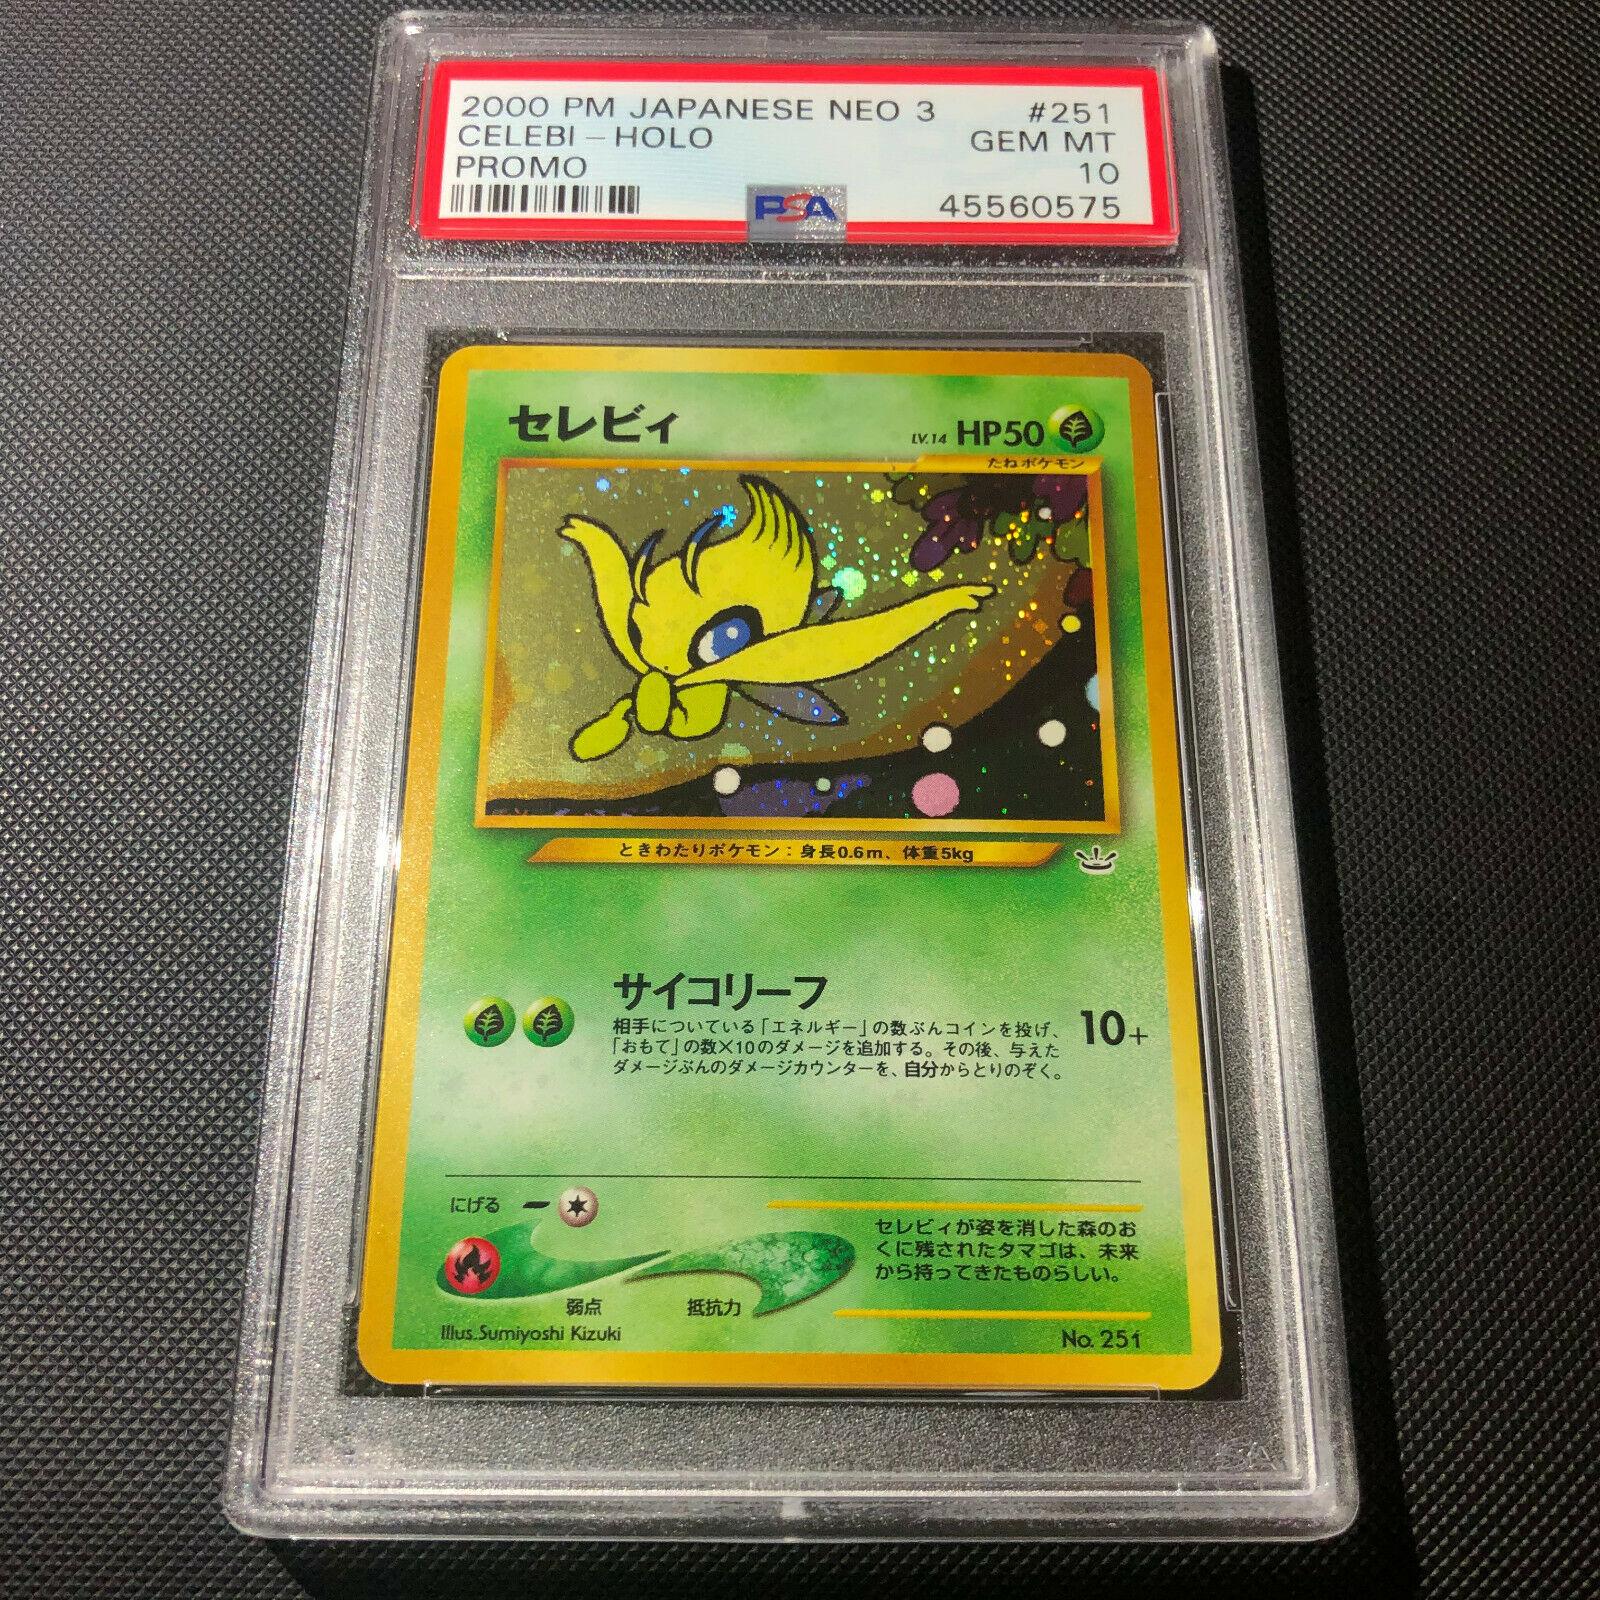 PSA 10  Japanese Holo Celebi Neo 3 Revelation 2000 Promo No 251 Pokemon Card